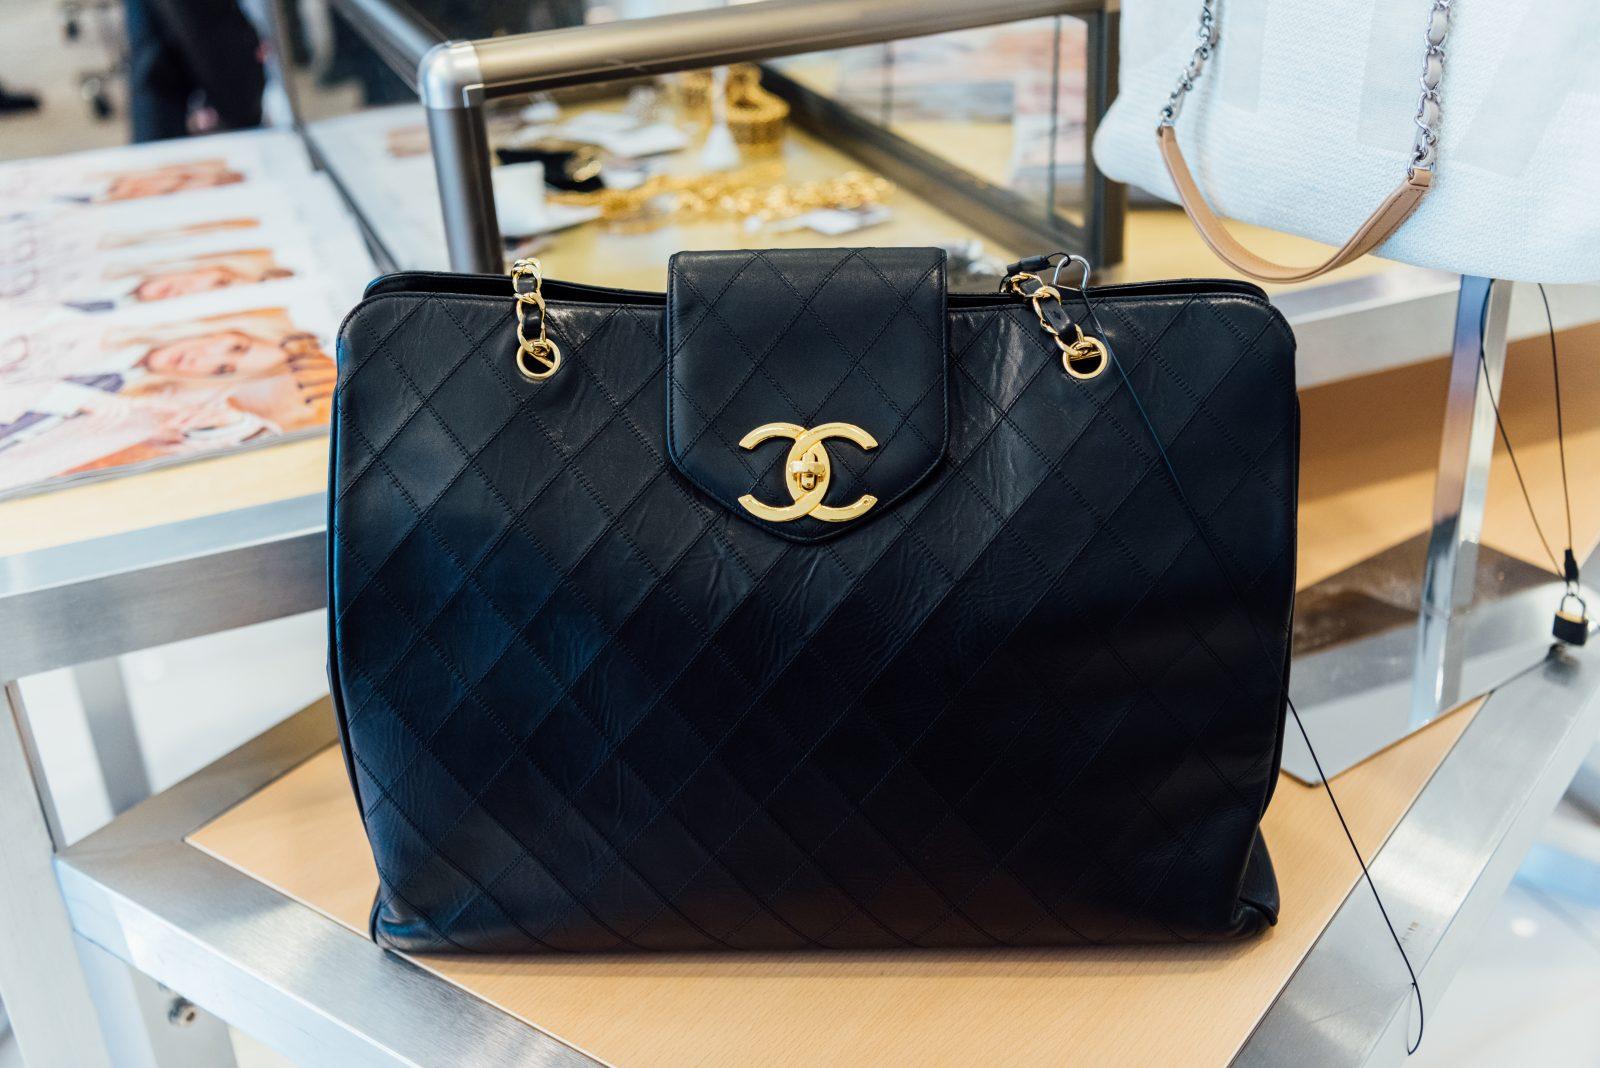 Black Chanel handbag at Gus Mayer in Nashville TN